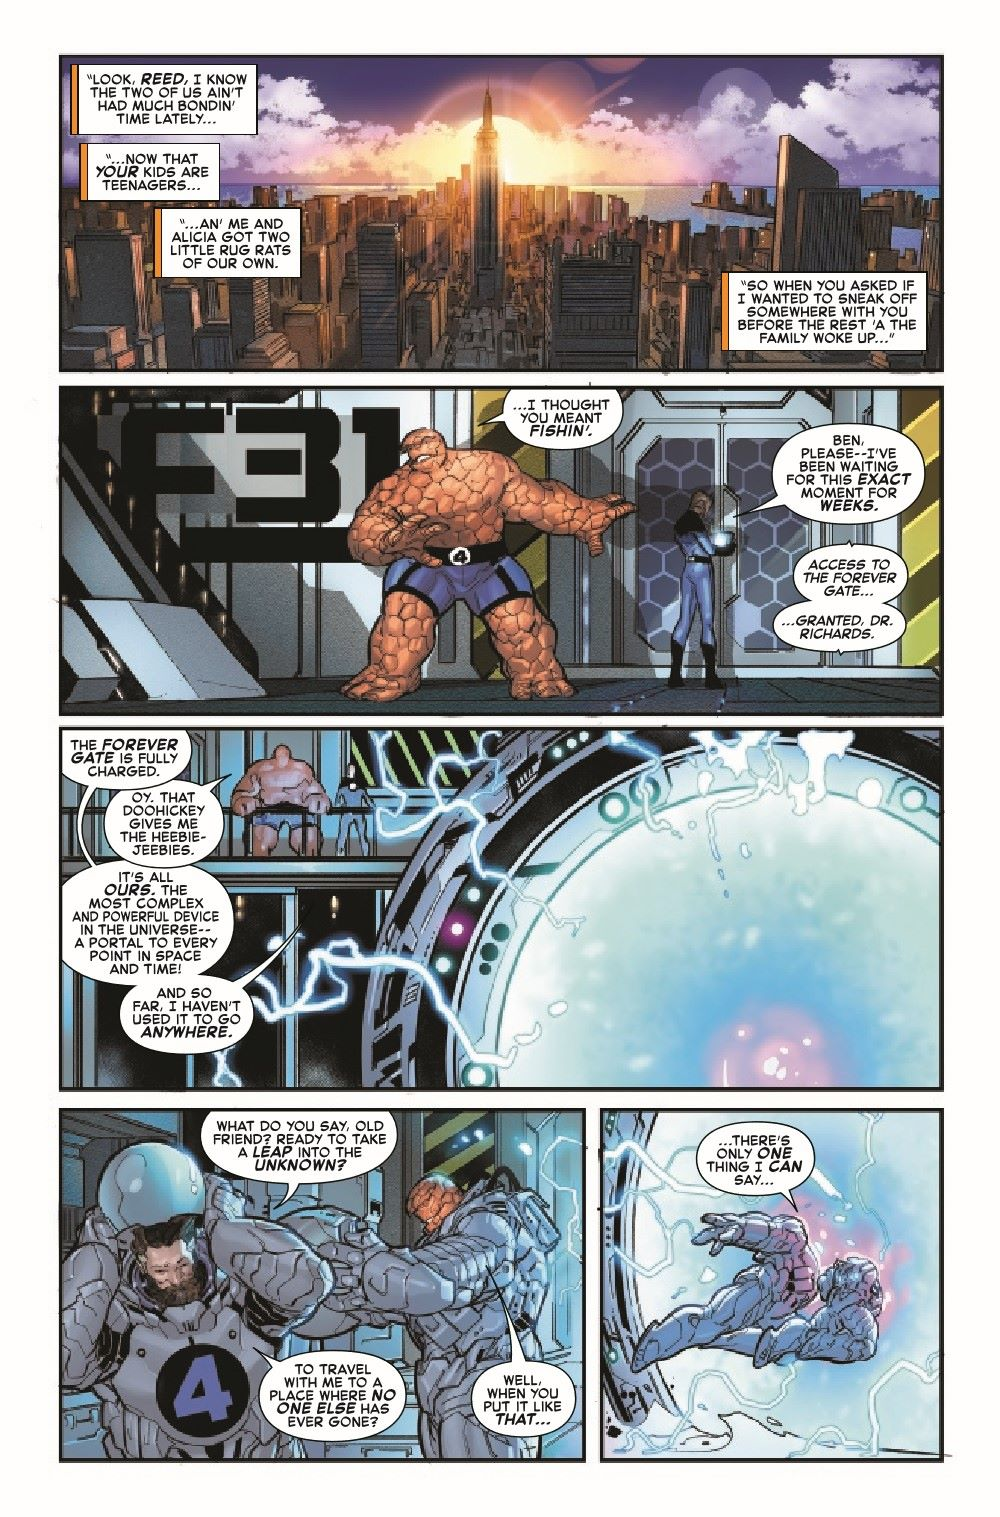 FF2018031_Preview-3 ComicList Previews: FANTASTIC FOUR #31